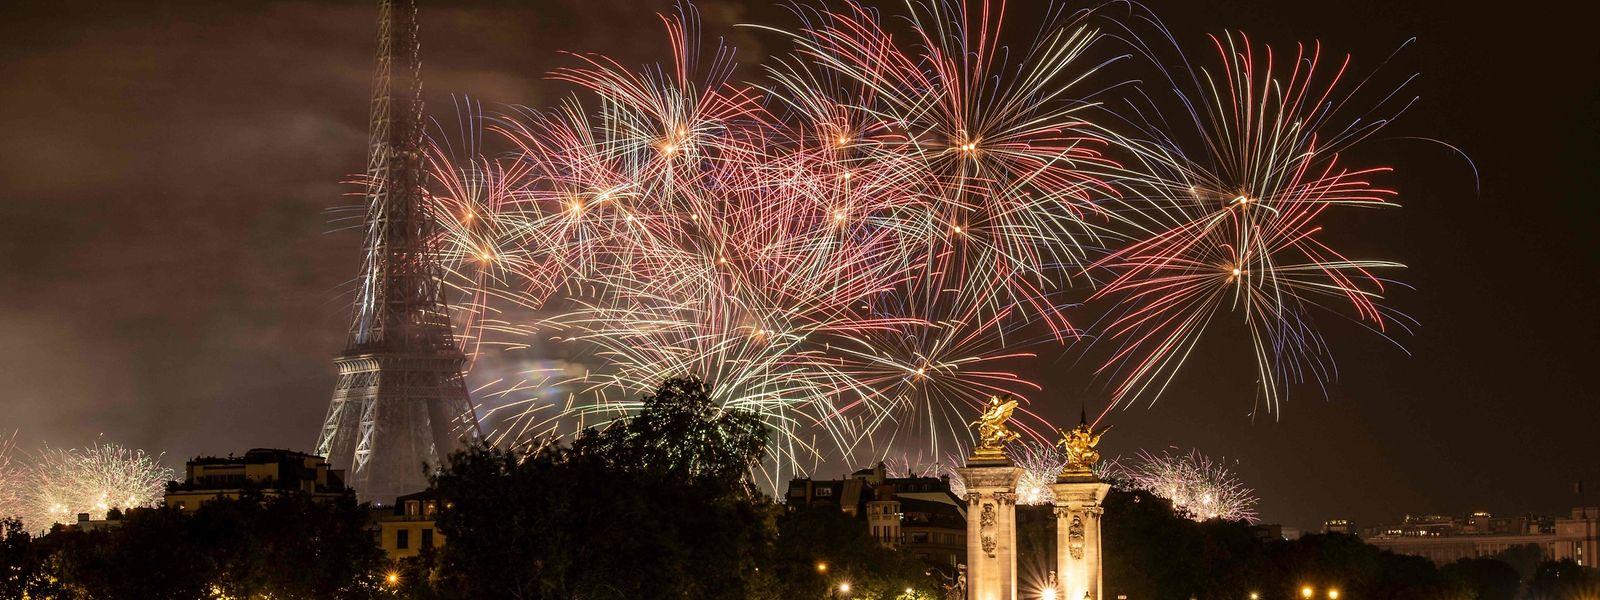 Le chef-d'oeuvre de Gustave Eiffel a accueilli jusqu'à 7 millions de visiteurs en 2014 et 6,2 millions en 2019.